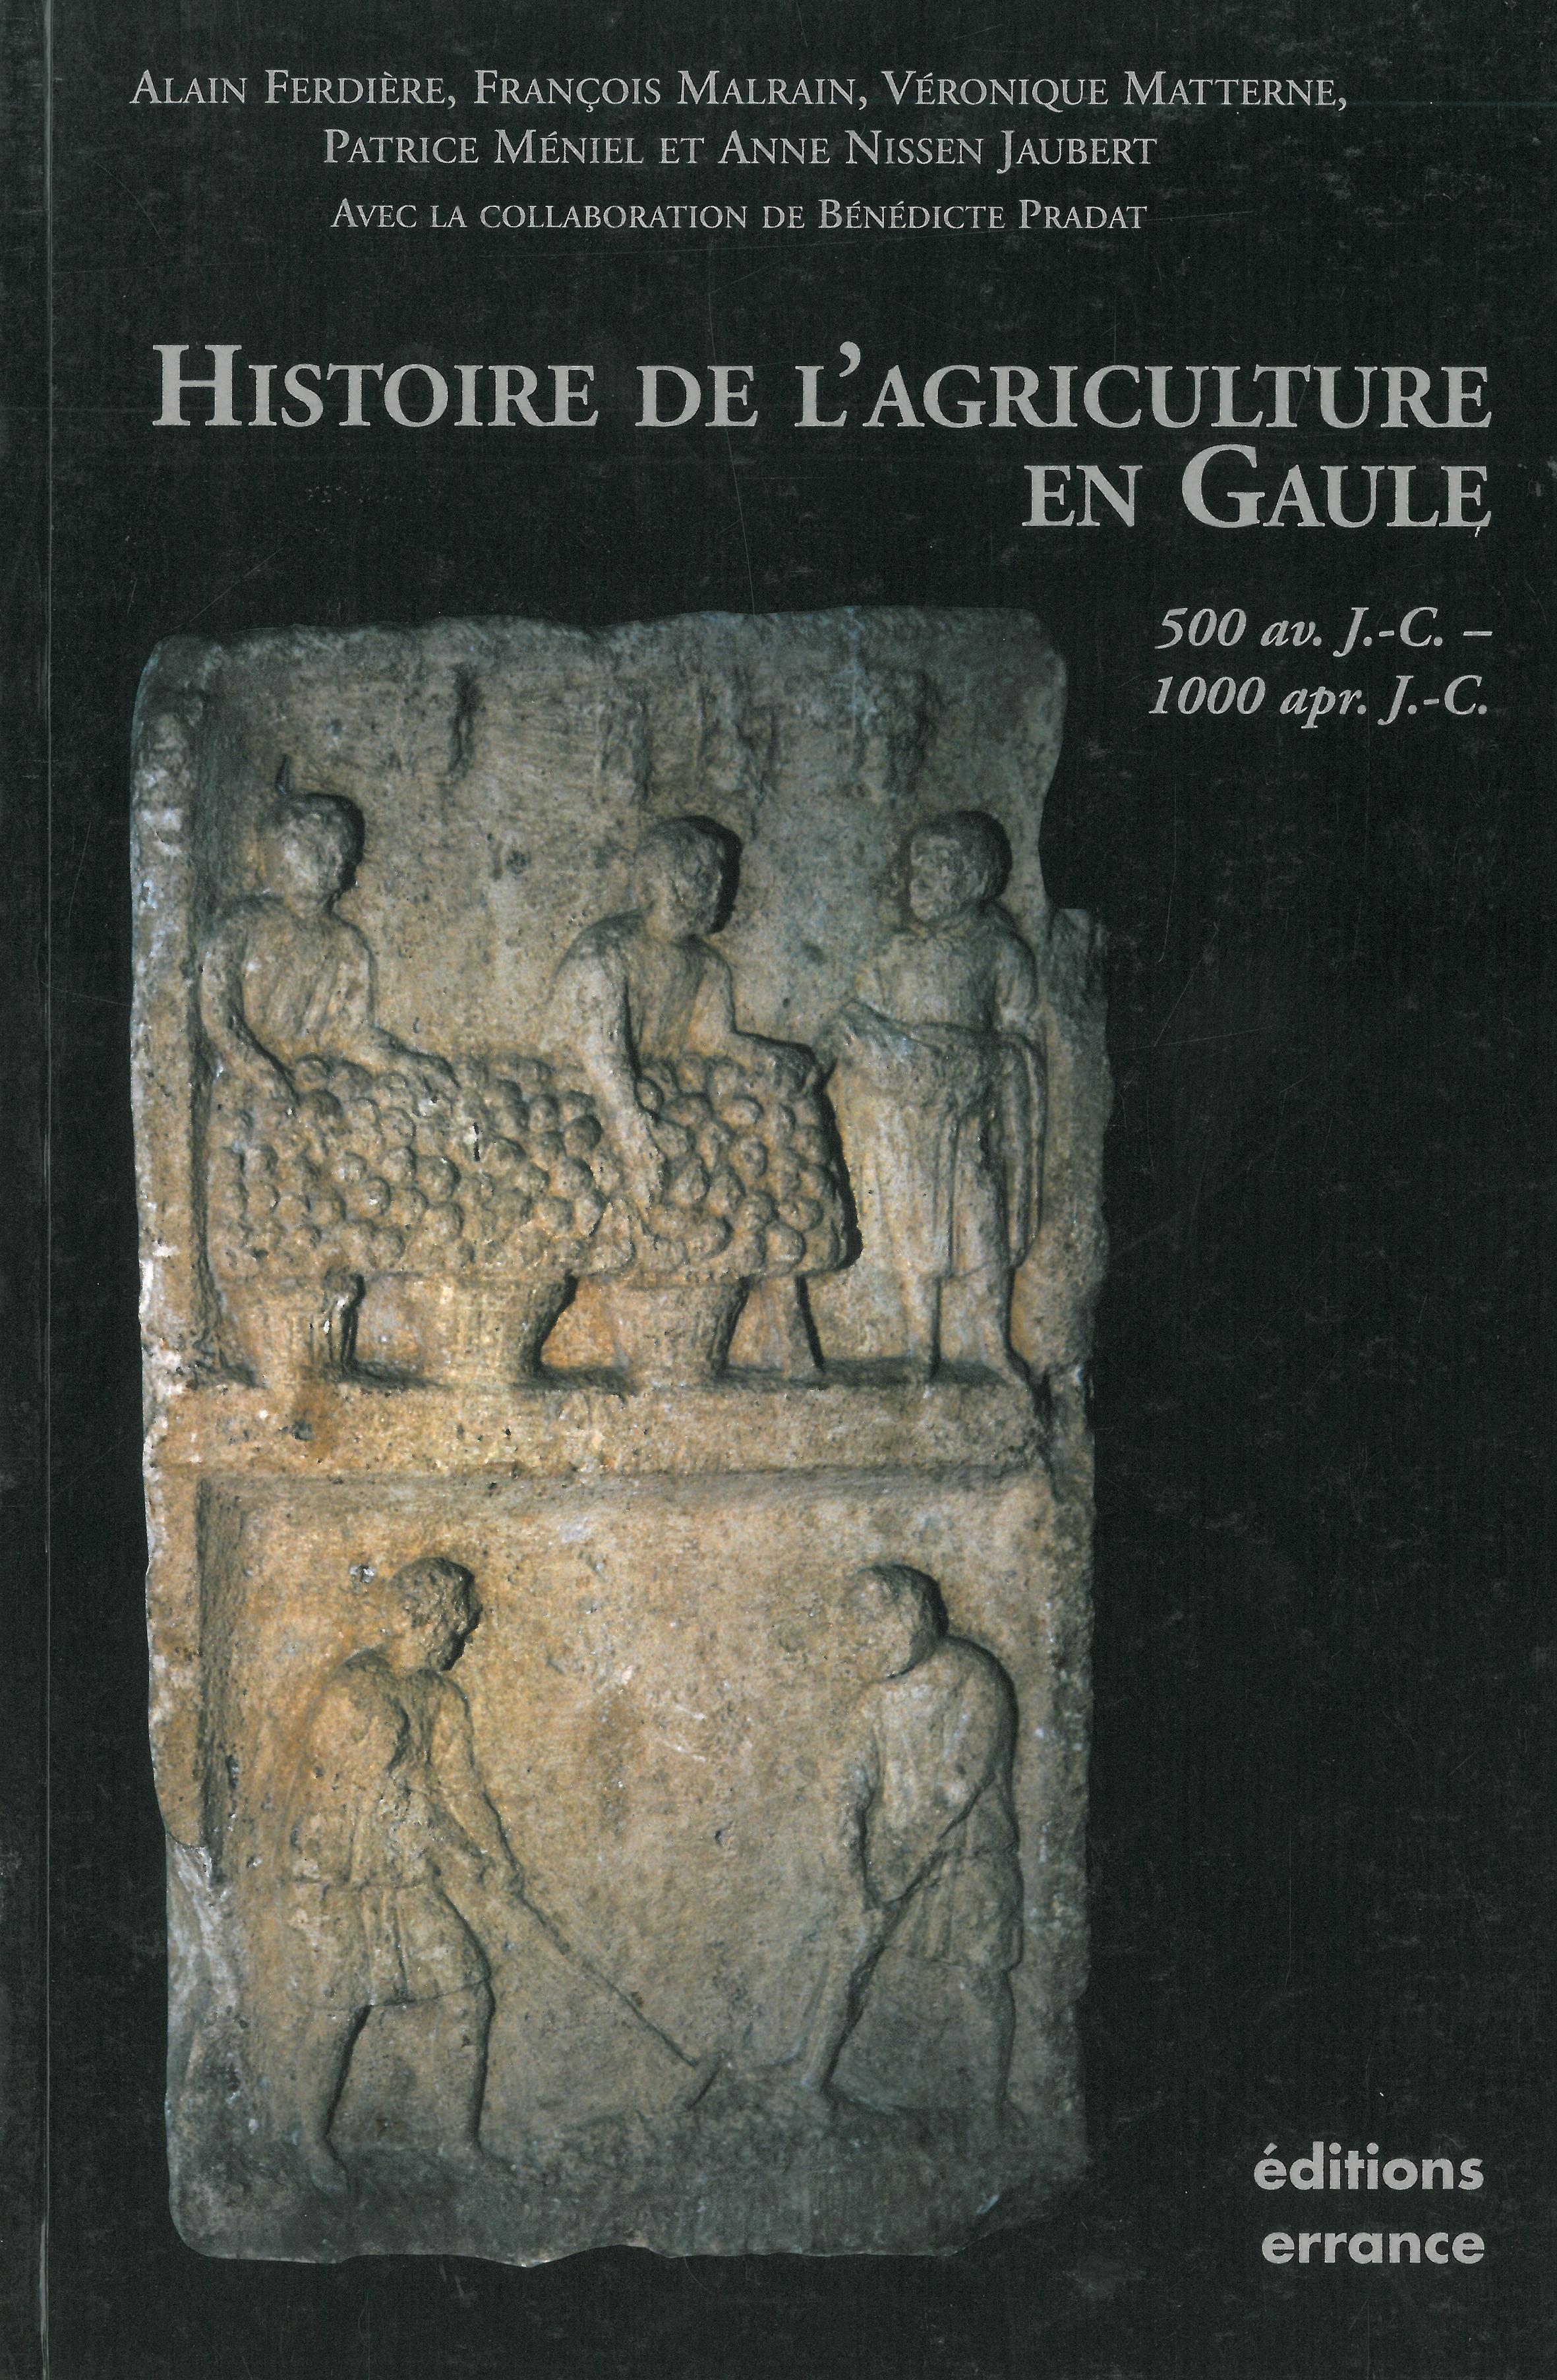 Histoire de l'agriculture en Gaule, 500 av. J.-C. – 1000 apr. J.-C.